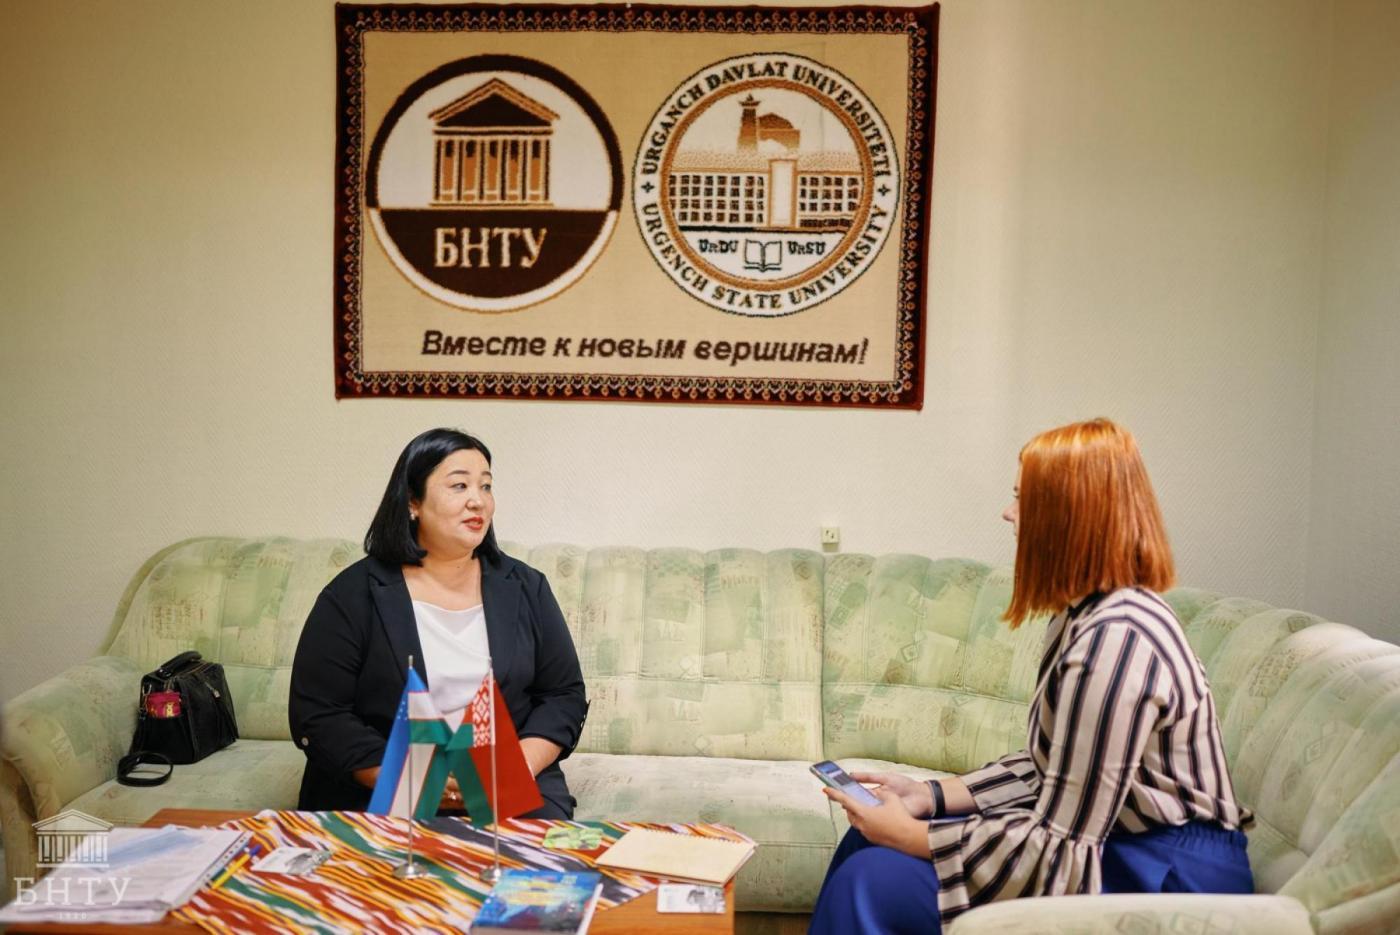 «У нас с белорусским народом очень схожие менталитеты, поэтому работать с БНТУ легко», – Анзират Нигмаджанова о совместных образовательных программах и международном сотрудничестве